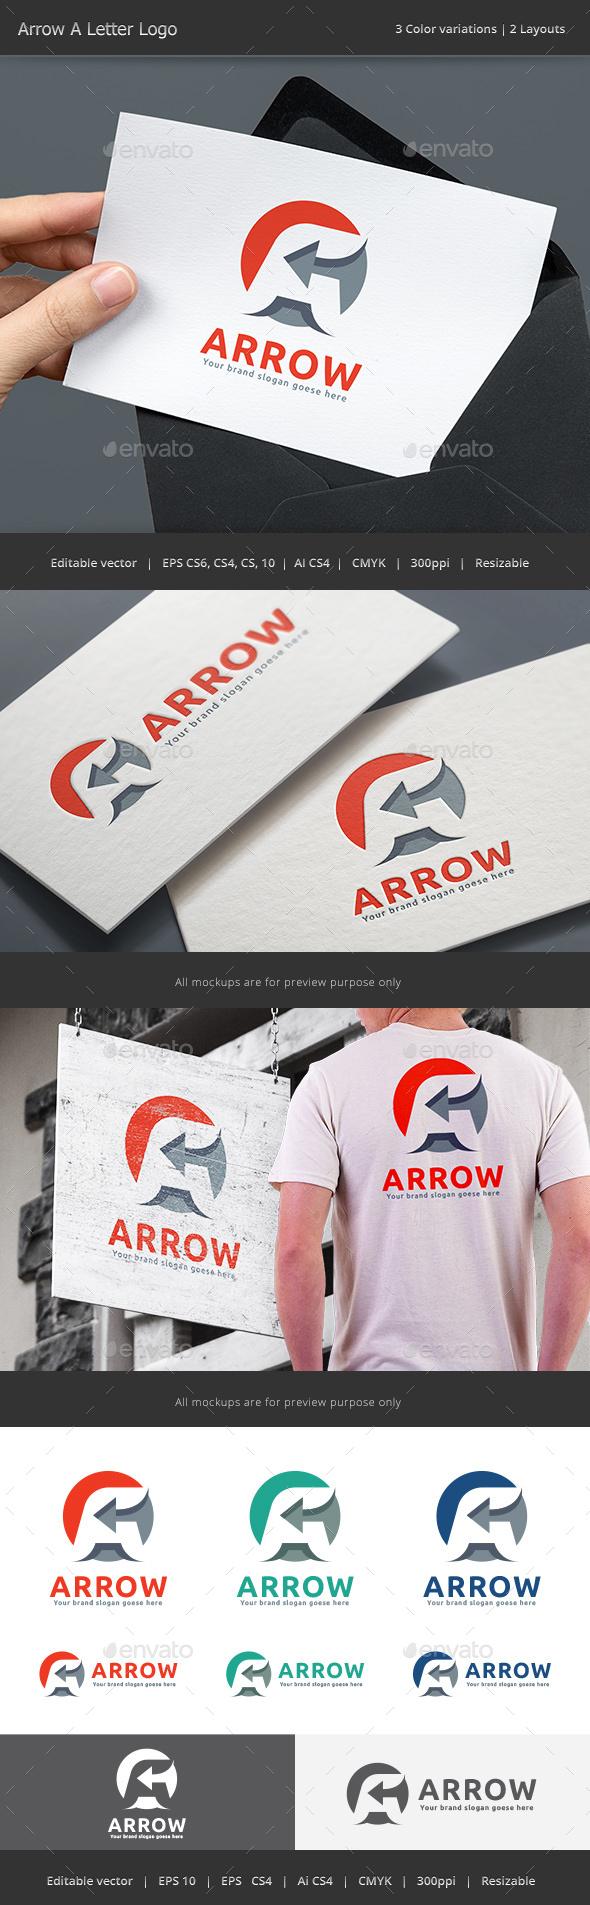 Arrow Letter A Logo - Letters Logo Templates